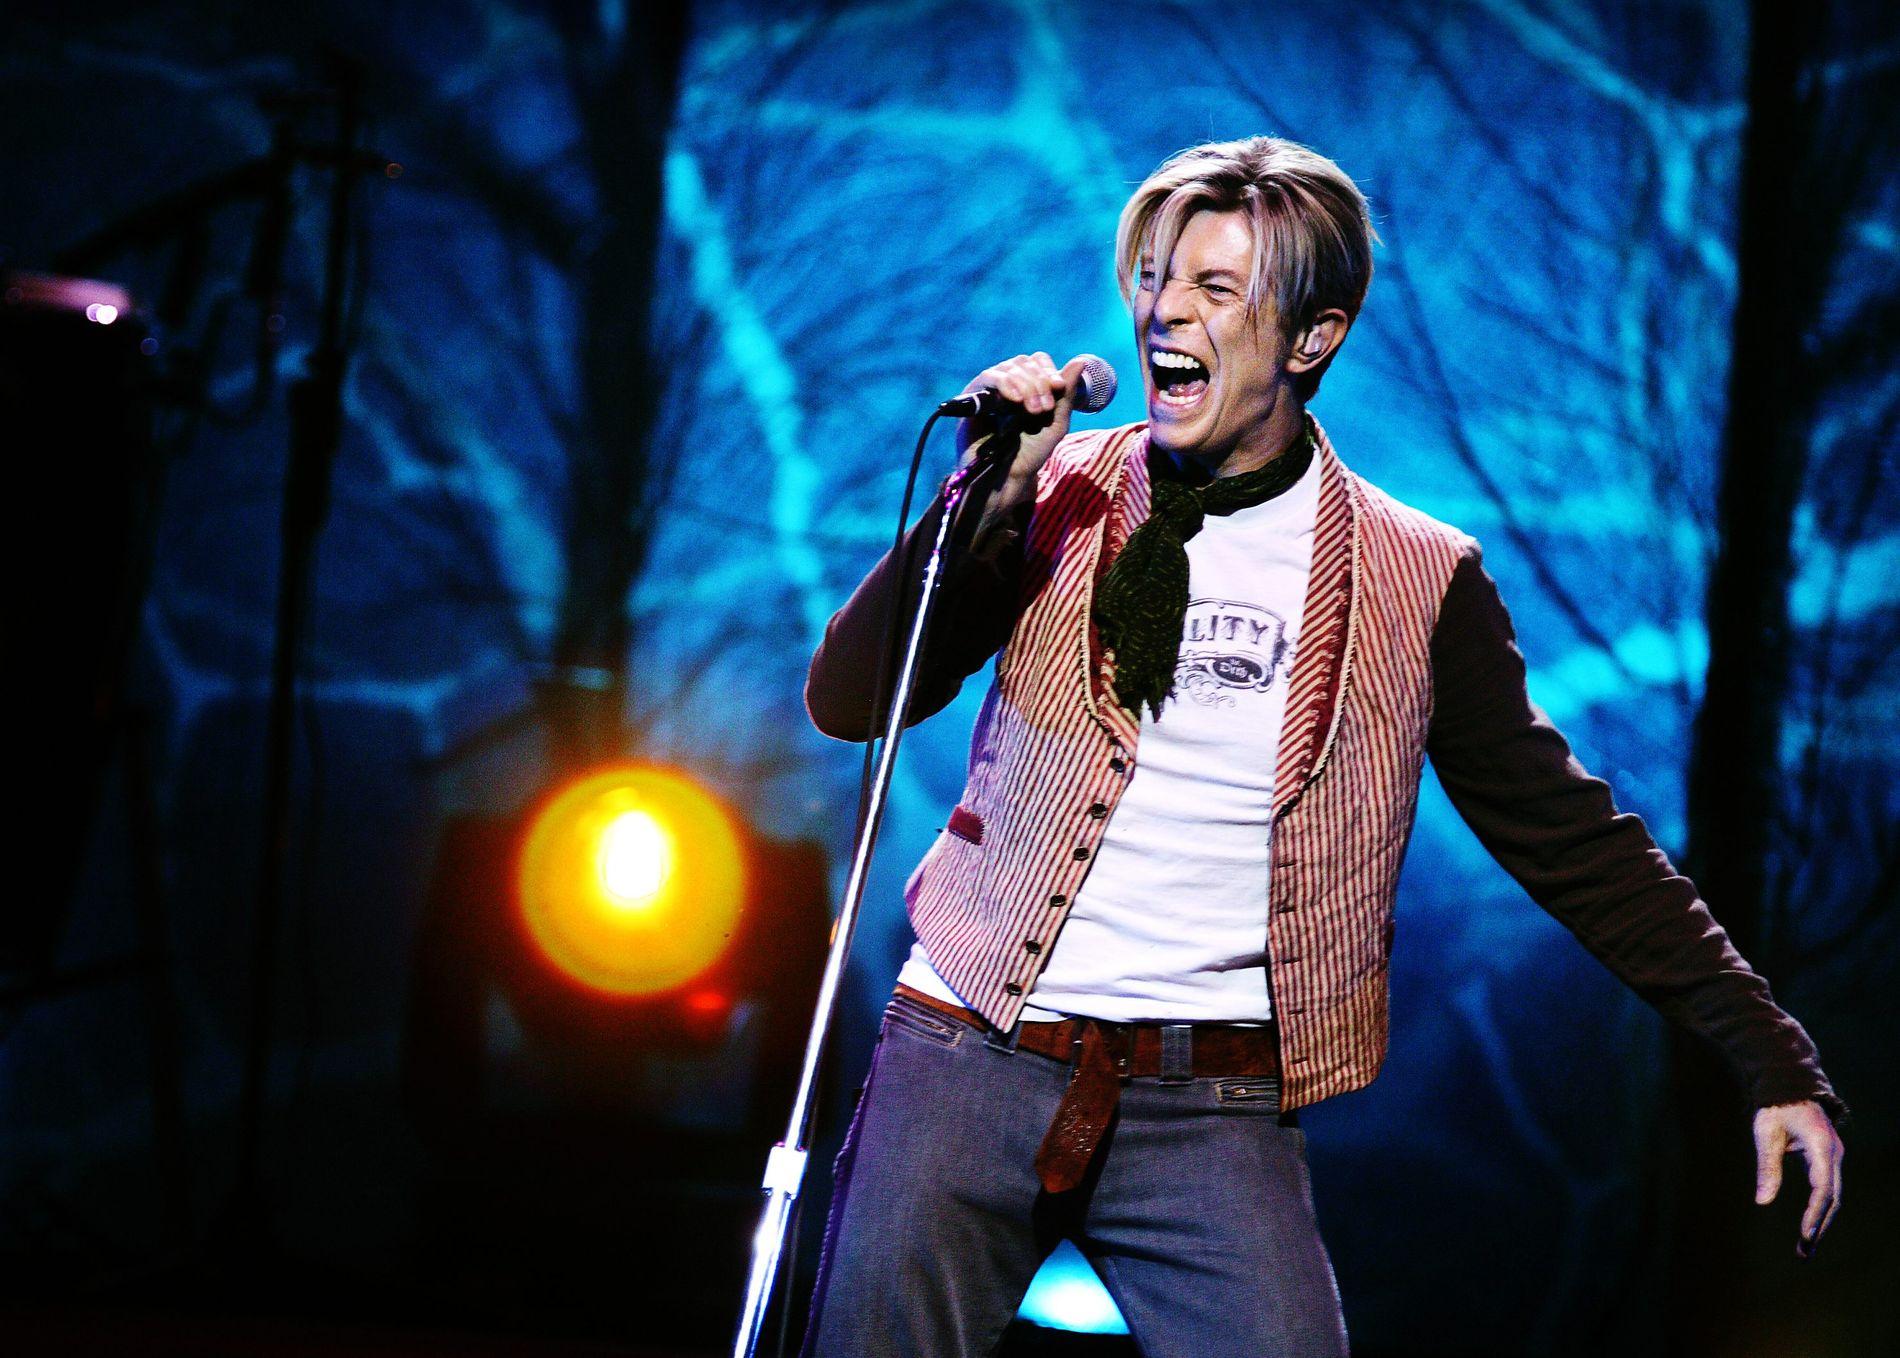 DØDE UVENTET: En hel verden var i sjokk da nyheten om David Bowies død ble kjent. Dette bildet er fra 2003 da Bowie hadde konsert i Oslo Spektrum.